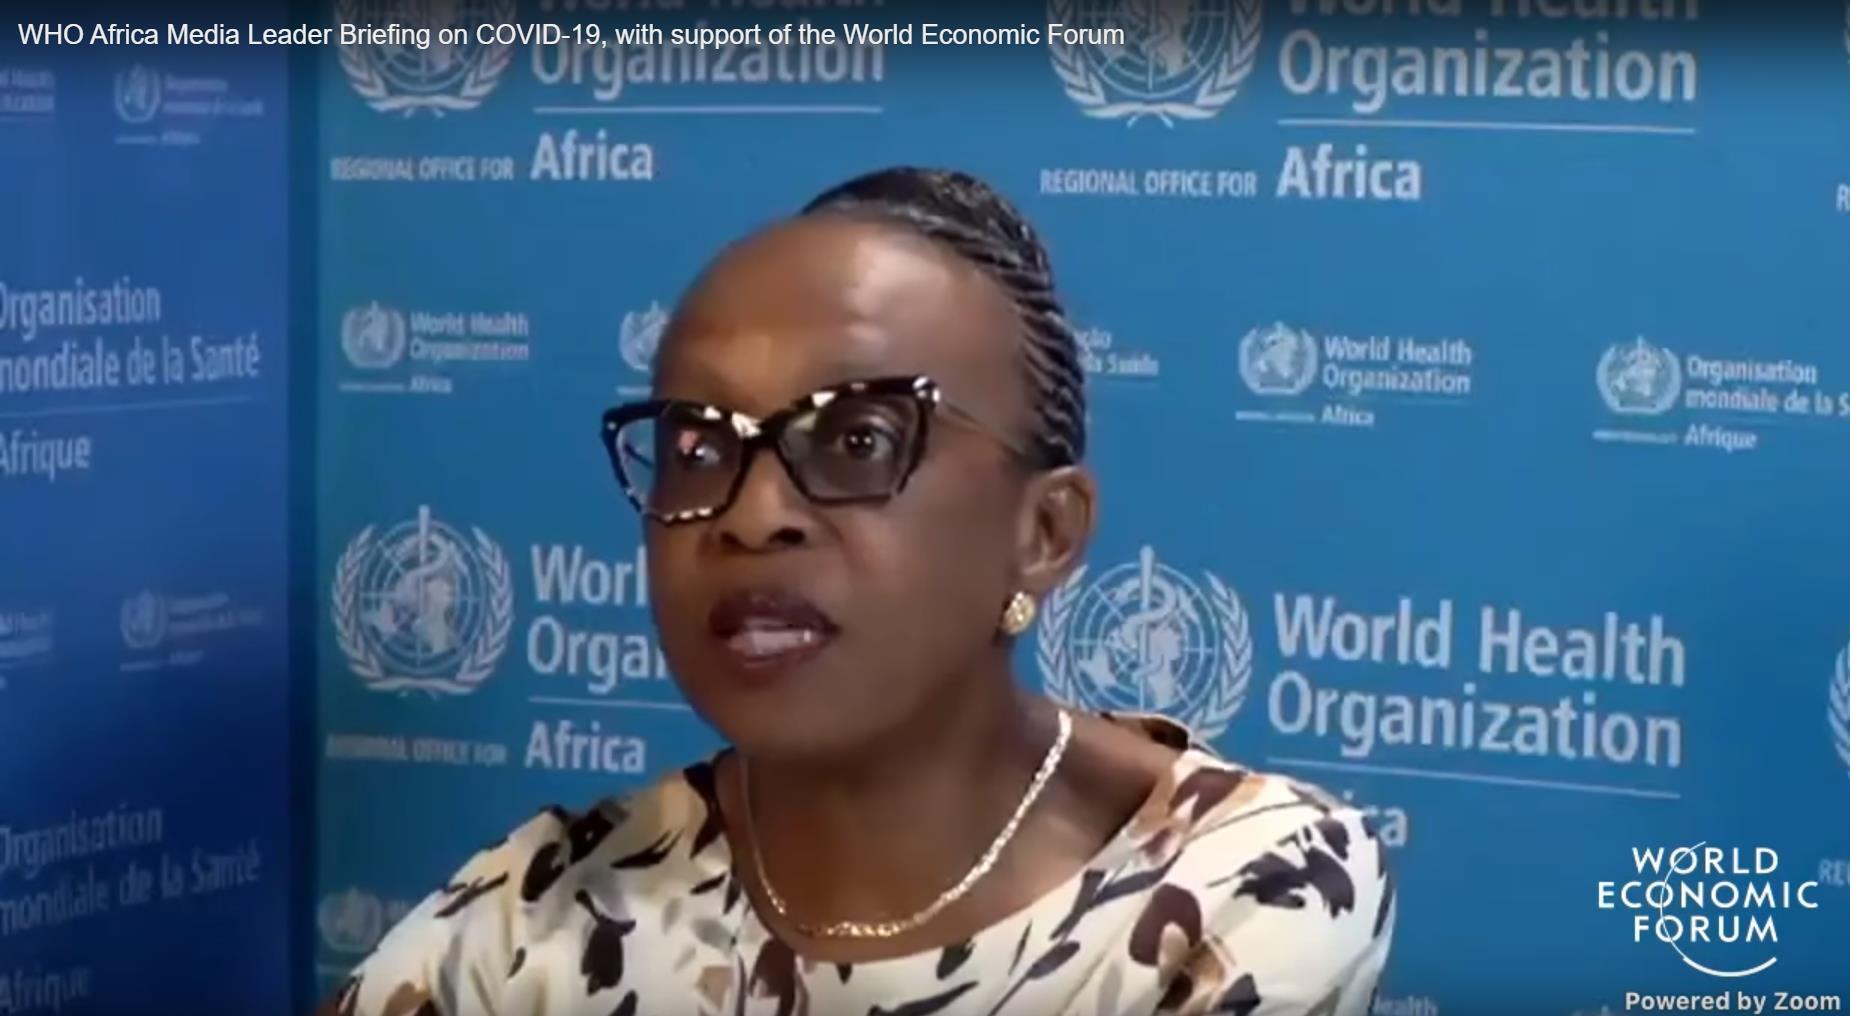 世卫组织:新冠肺炎疫情在非洲持续扩散 物资运输困难